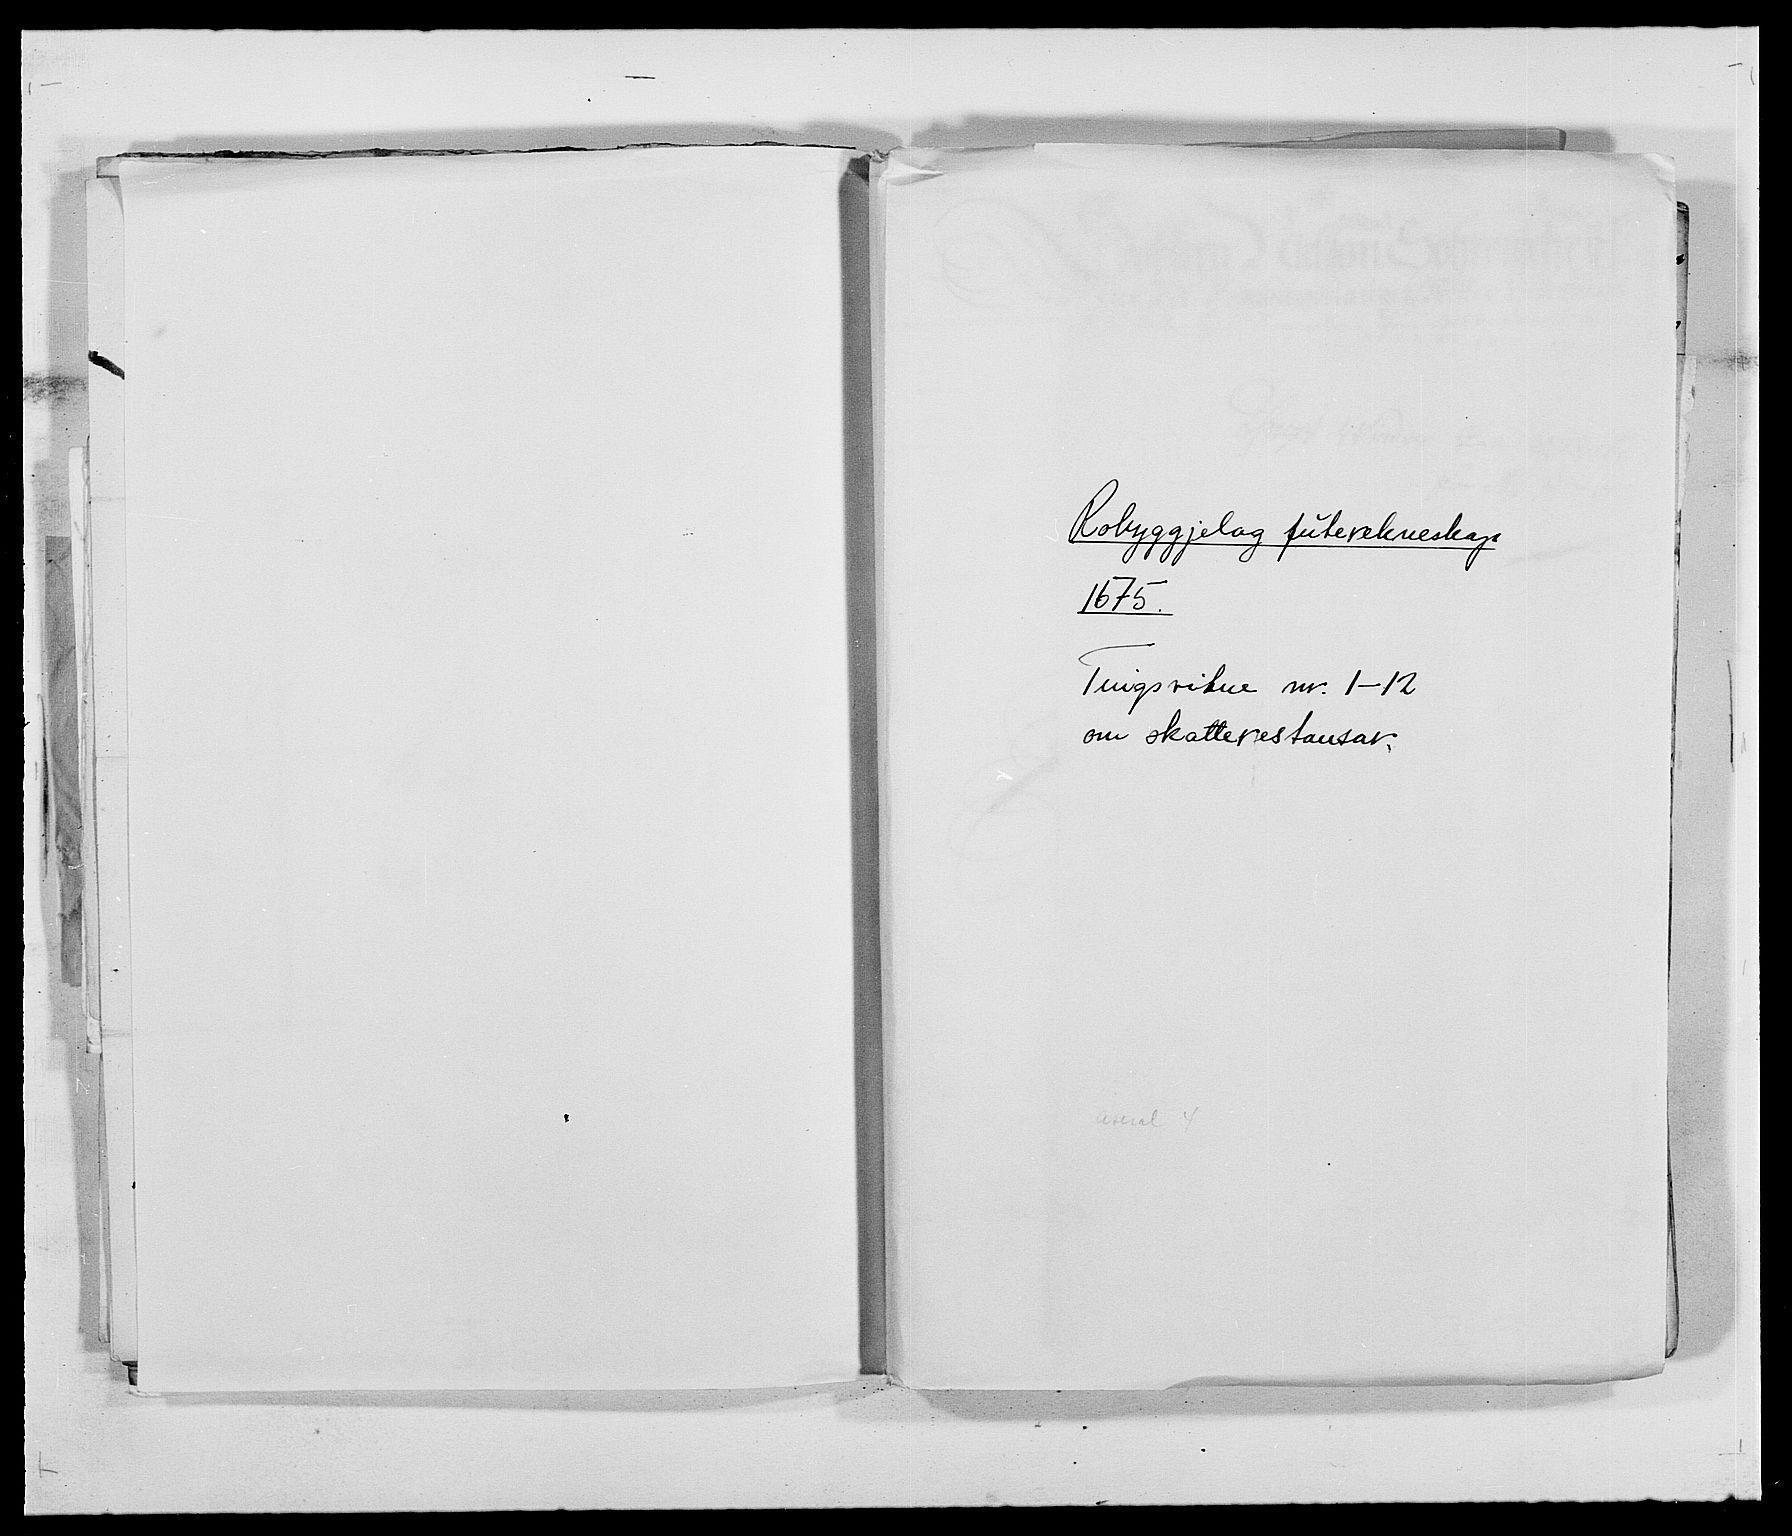 RA, Rentekammeret inntil 1814, Reviderte regnskaper, Fogderegnskap, R40/L2434: Fogderegnskap Råbyggelag, 1675-1676, s. 157